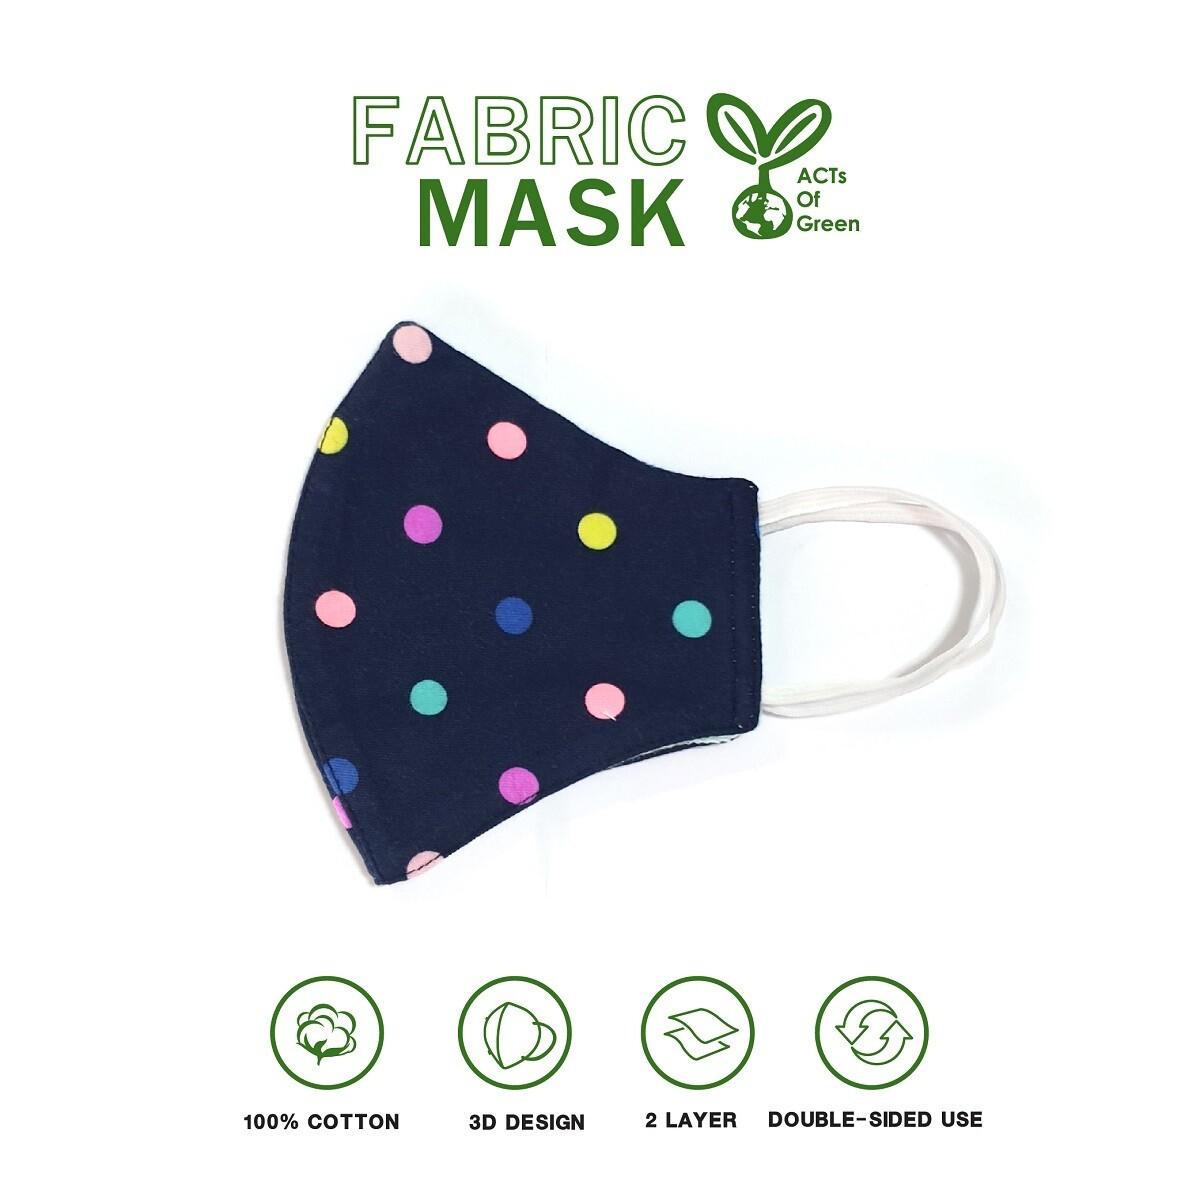 Fabric Mask A16